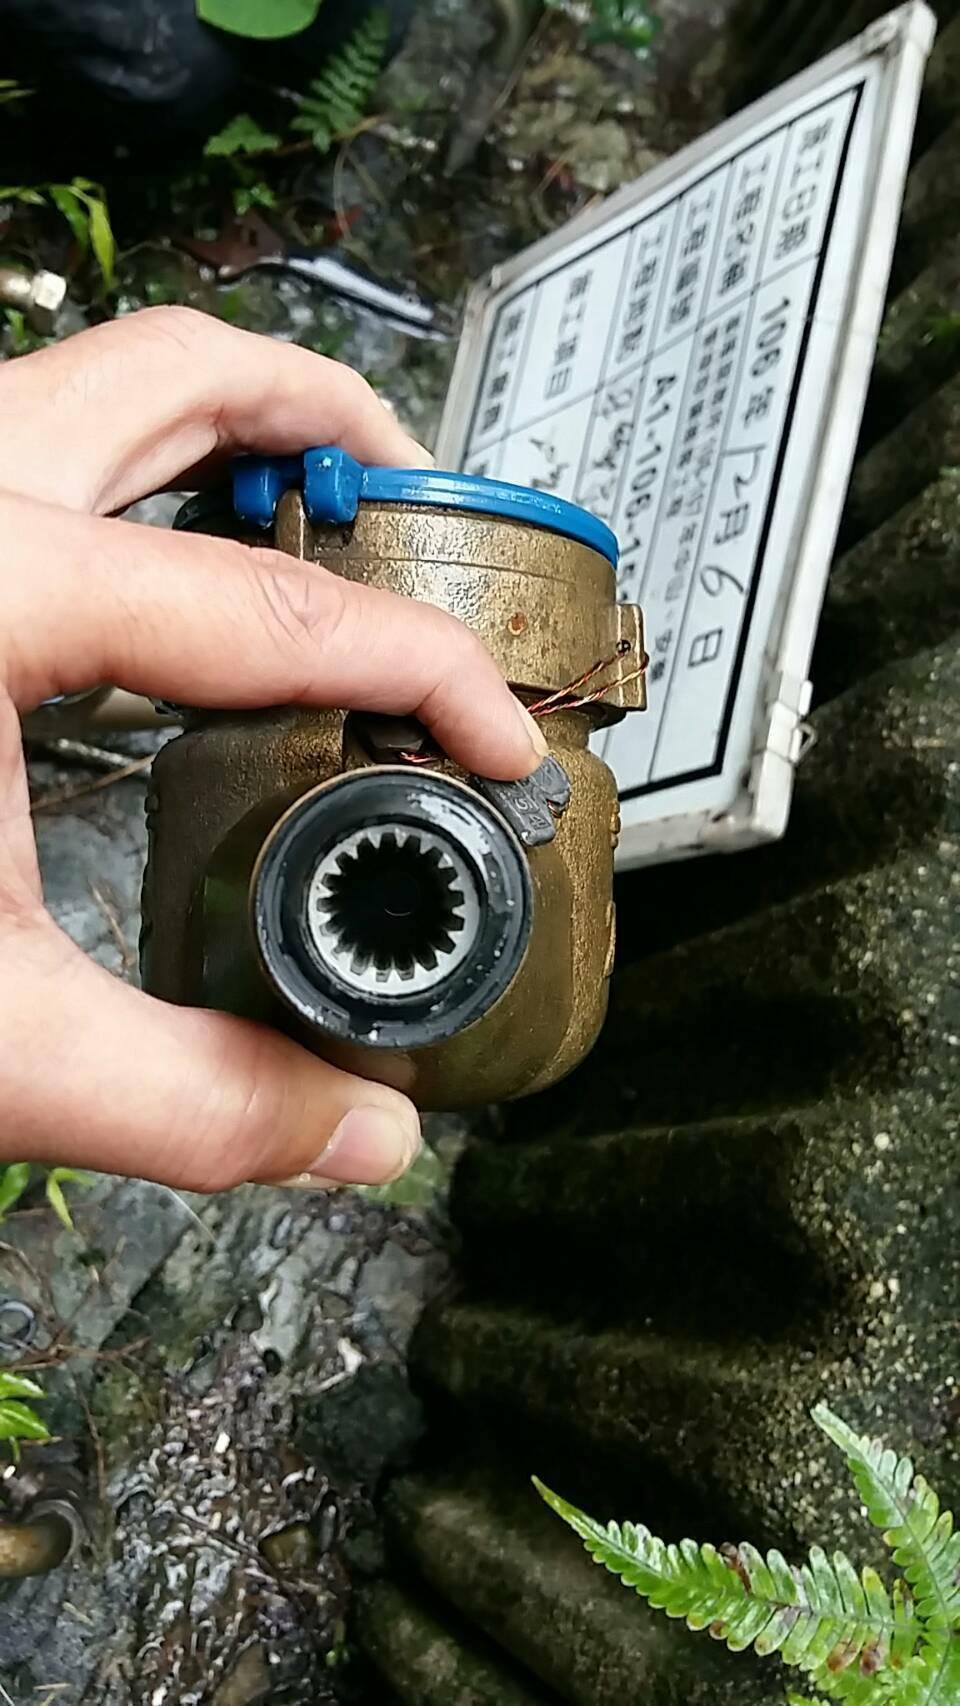 自來水公司到投訴住戶及左右鄰居查外管水表,水質及管路都正常。圖/水公司提供